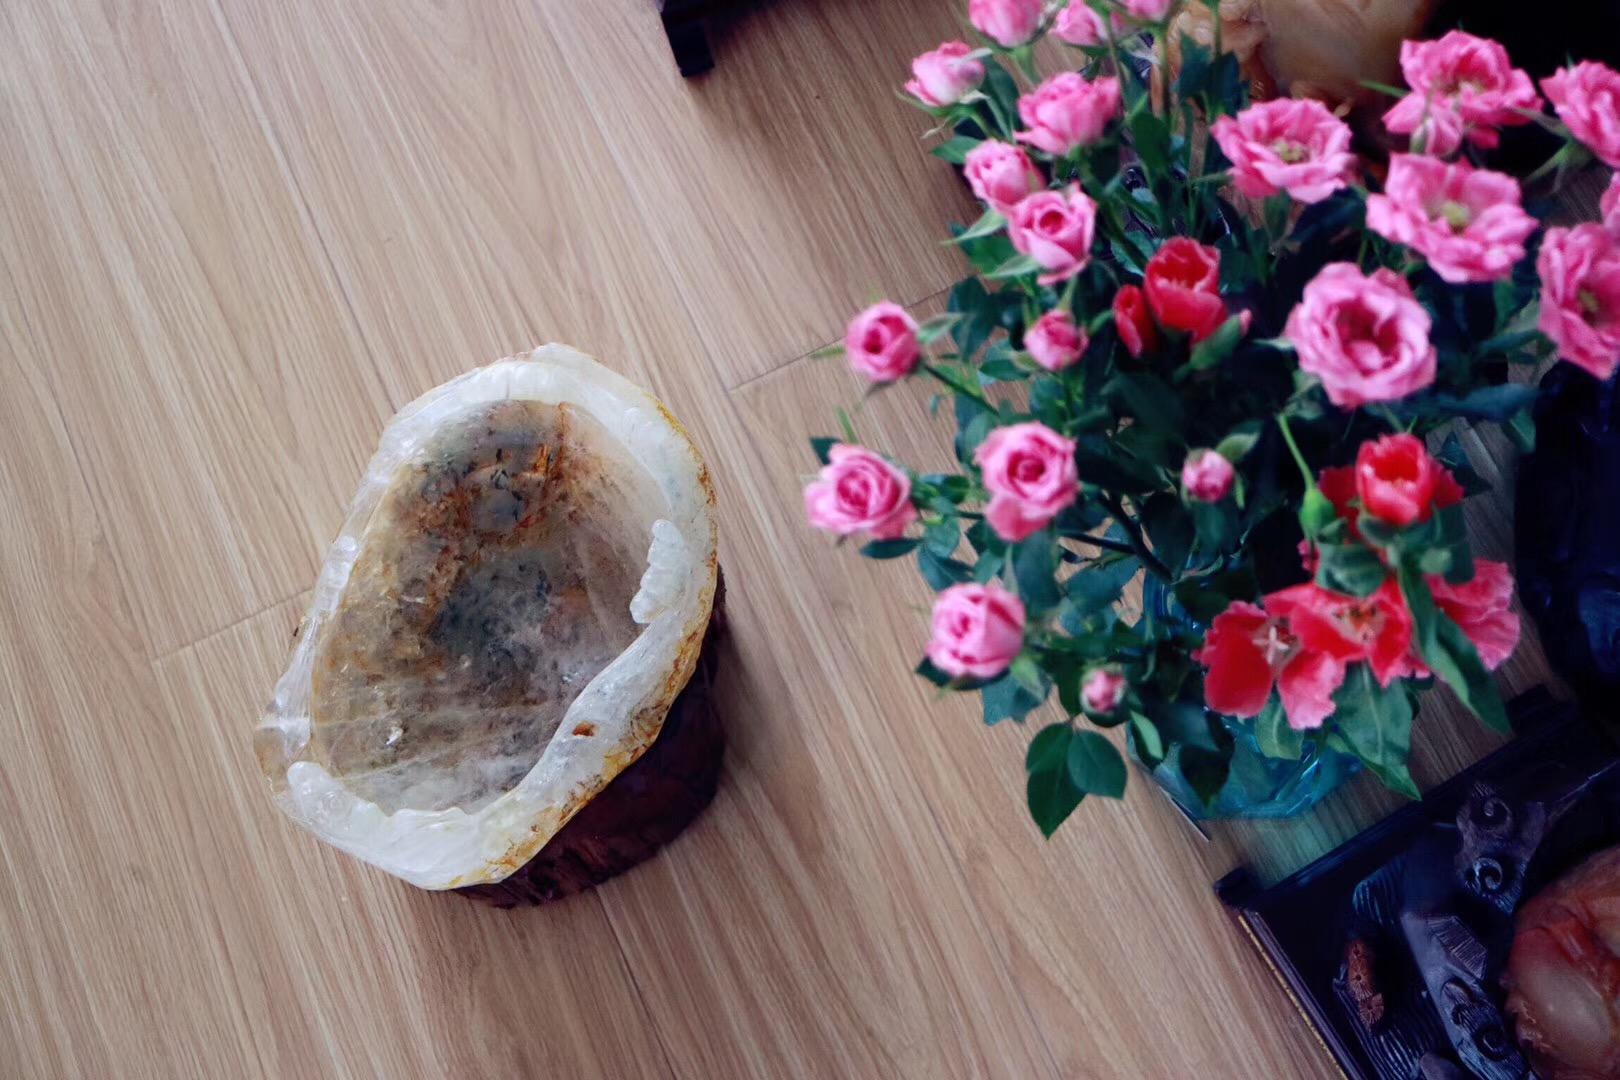 【菩心 | 白水晶聚宝盆】白水晶聚宝盆乃风水吉祥物-菩心晶舍